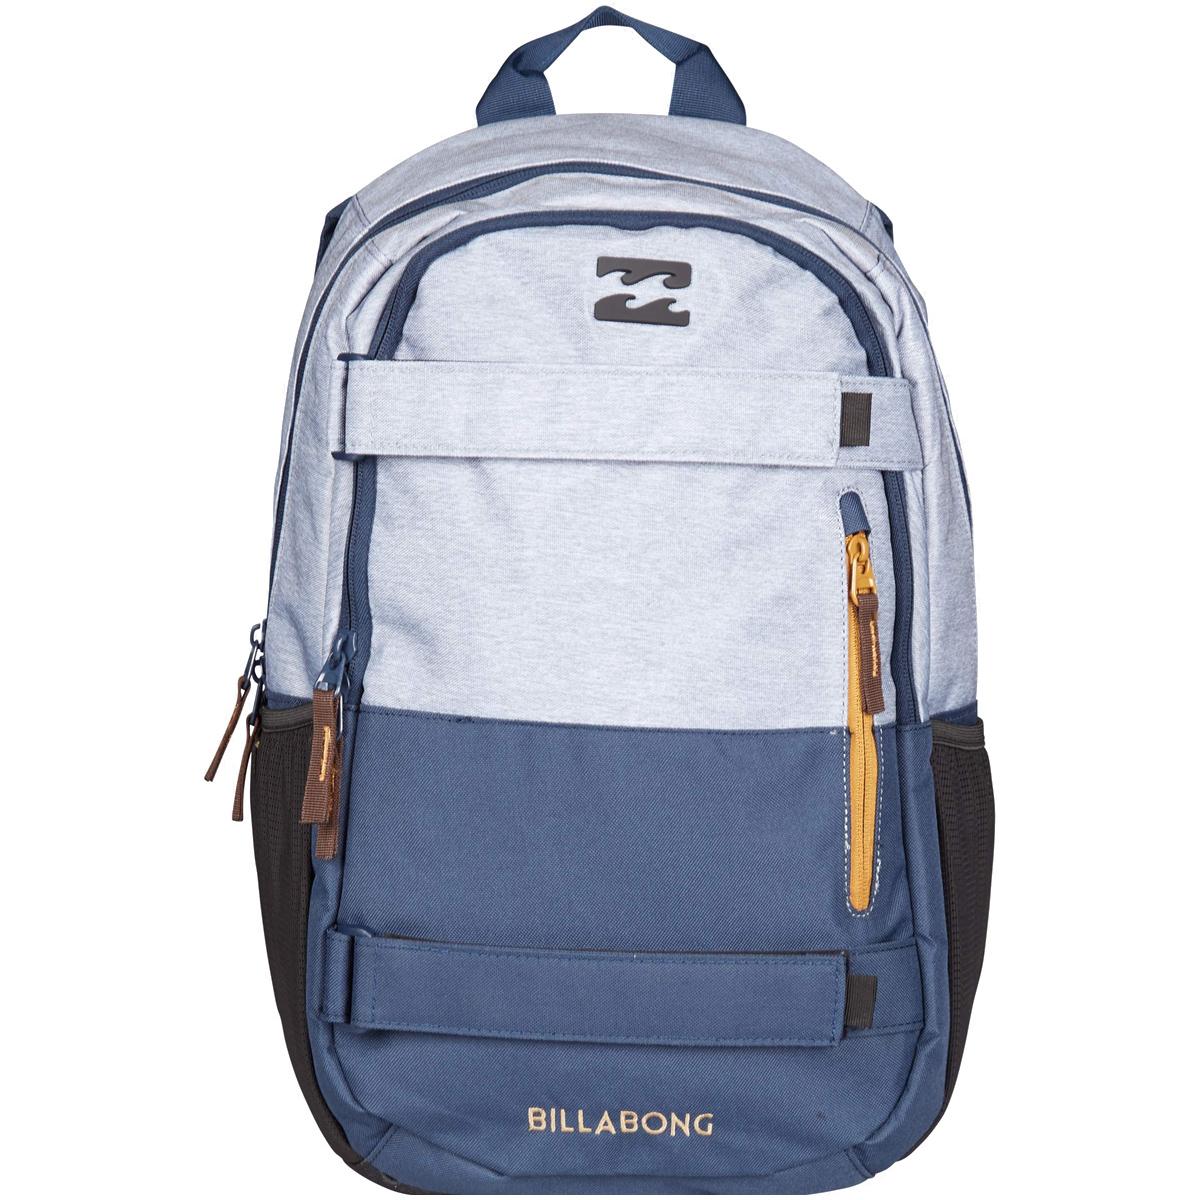 Рюкзак городской Billabong No Comply, цвет: серый, синийRivaCase 7560 blueУдобный рюкзак, дополненный ремнями для крепления скейтборда и отделением для ноутбука. Отличная модель, которая позволит с комфортом передвигаться по городу со скейтом, освободив руки, а также не переживать за сохранность ПК. Достаточный объем уверенно удовлетворит повседневные потребности, а эргономичные лямки подарят комфорт при транспортировке даже тяжело нагруженного рюкзака. Передний карман со скрытой молнией и с дополнительным вертикальным карманом. Боковые карманы из сетки. Усиленное дно. Эргономичные лямки регулируются по длине. Регулируемый нагрудный ремень.